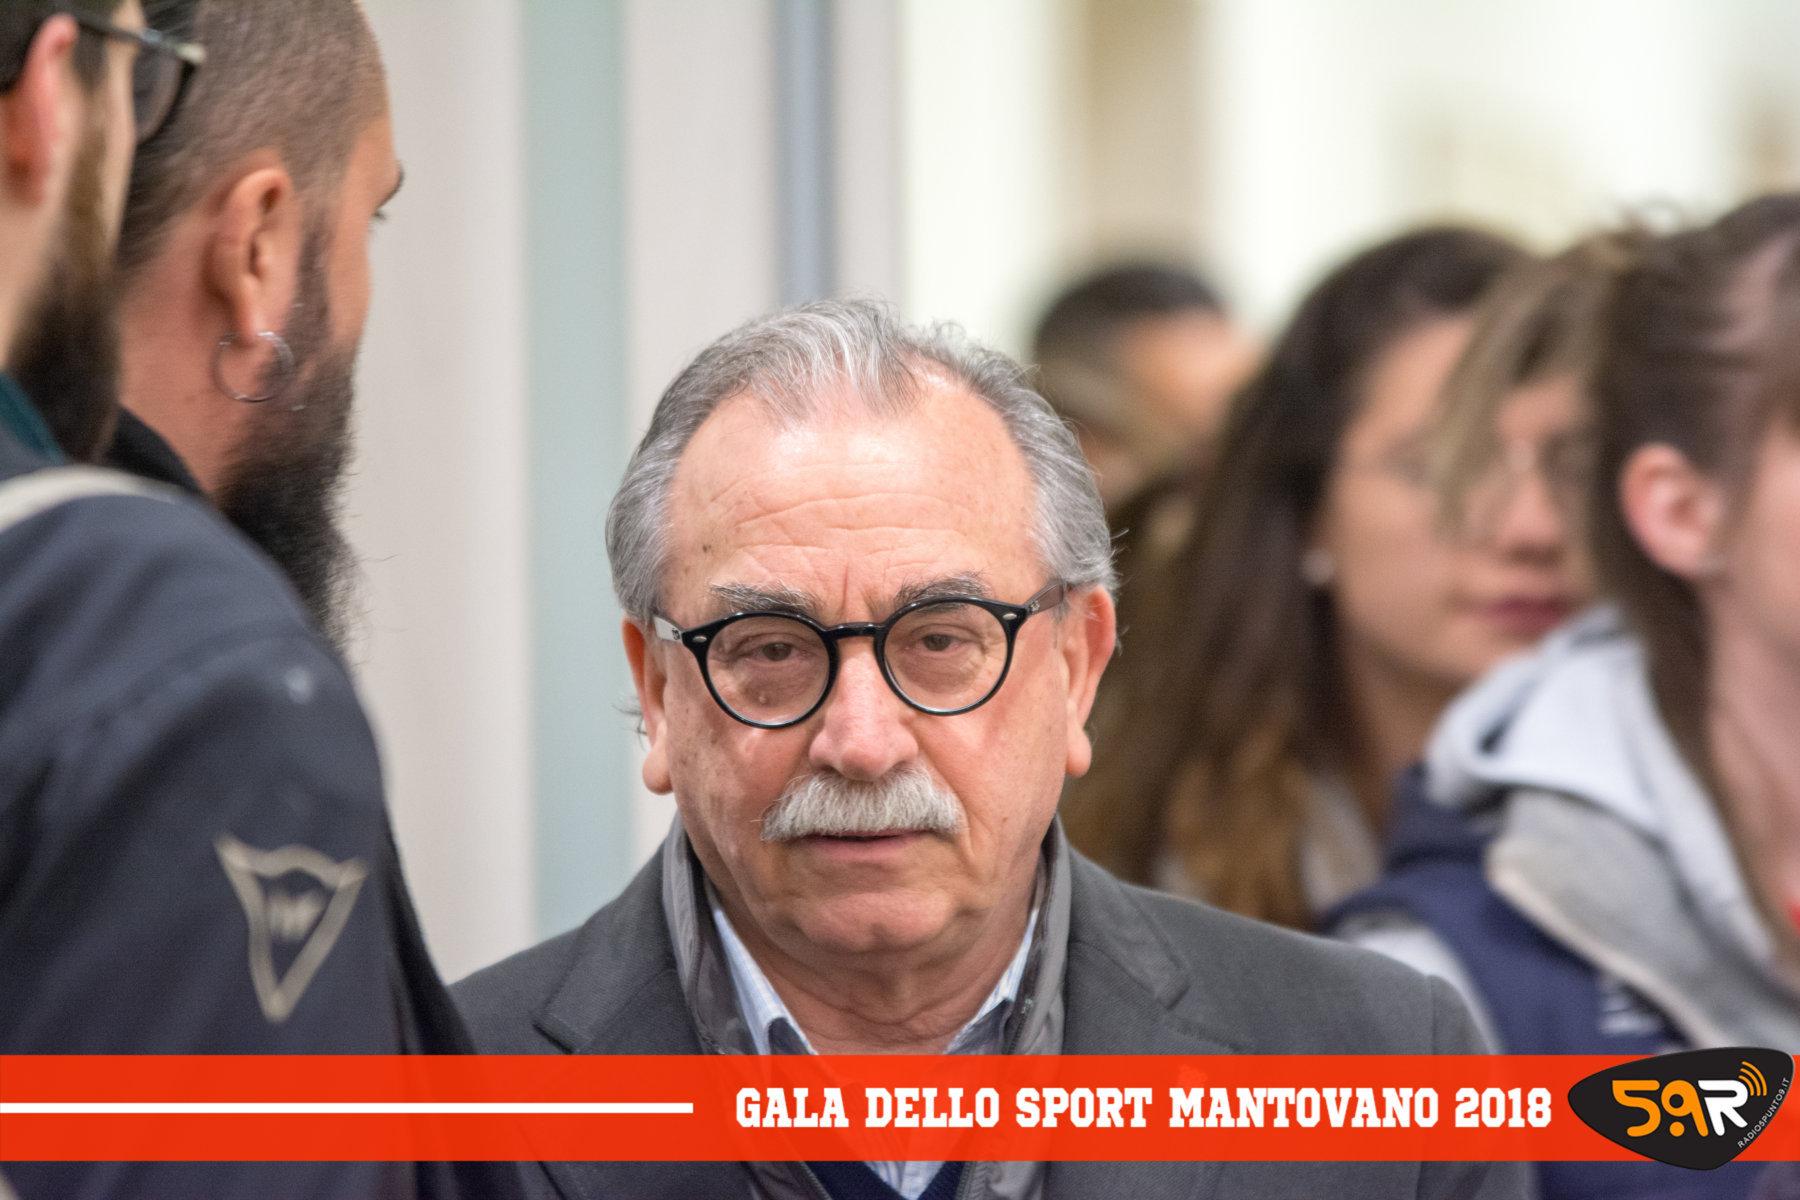 Gala dello Sport Mantovano 2018 Web Radio 5 (58)